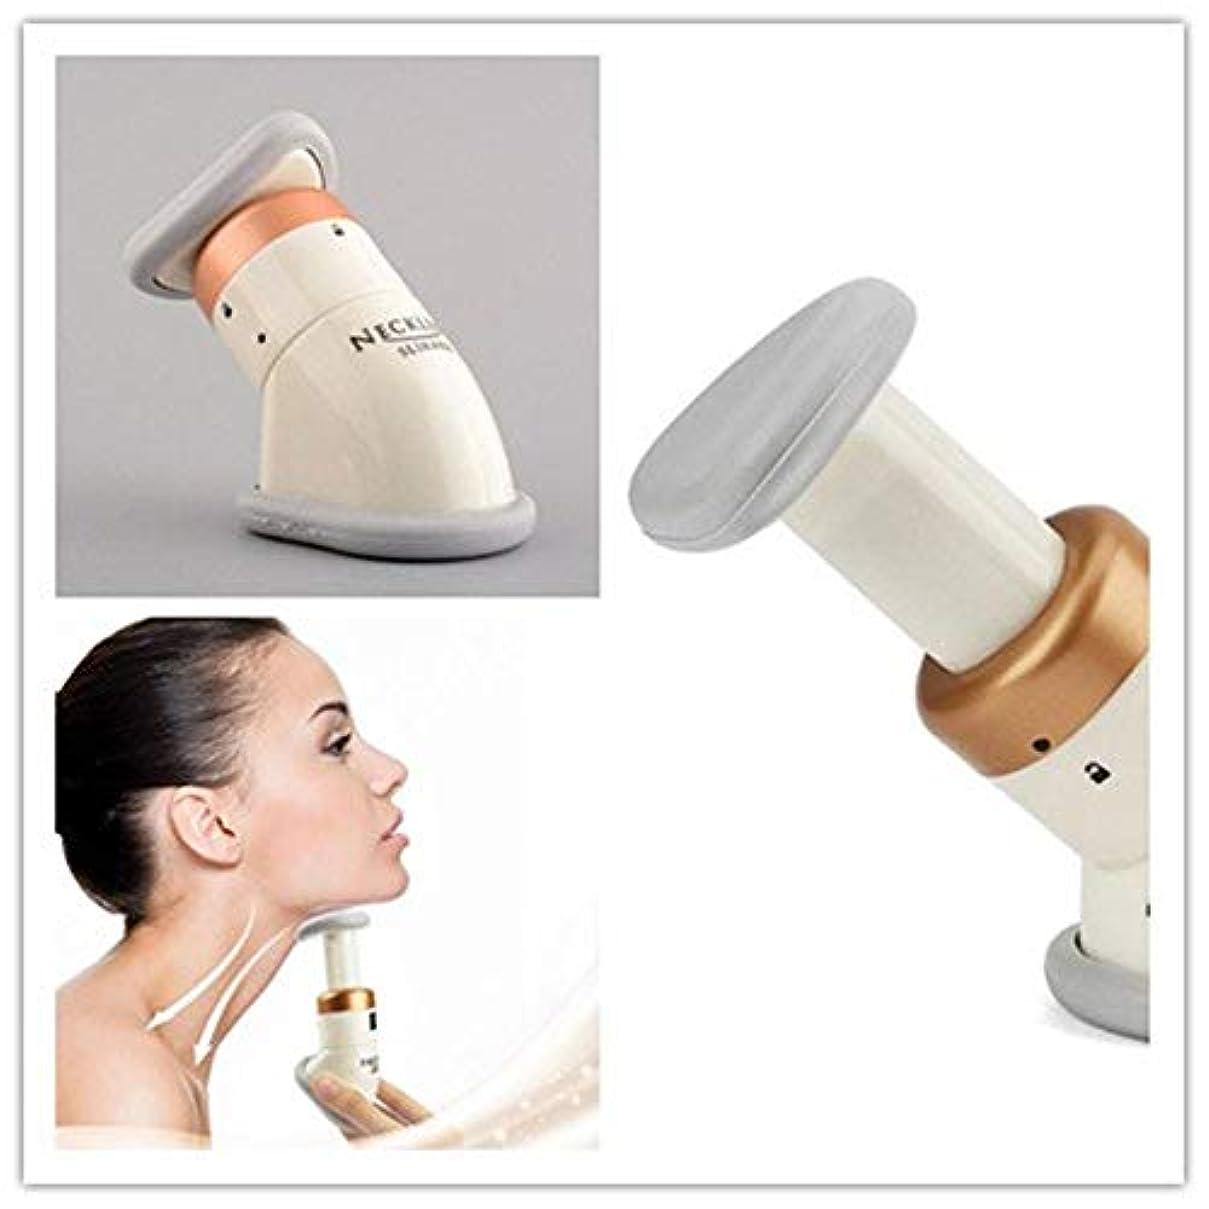 フェイスマッサージャー Ggorw 顎マッサージャー あごネックマッサージ 二重あご解消 薄い顎ダブル 顎を減らす 3スプリングス 軽量 便利